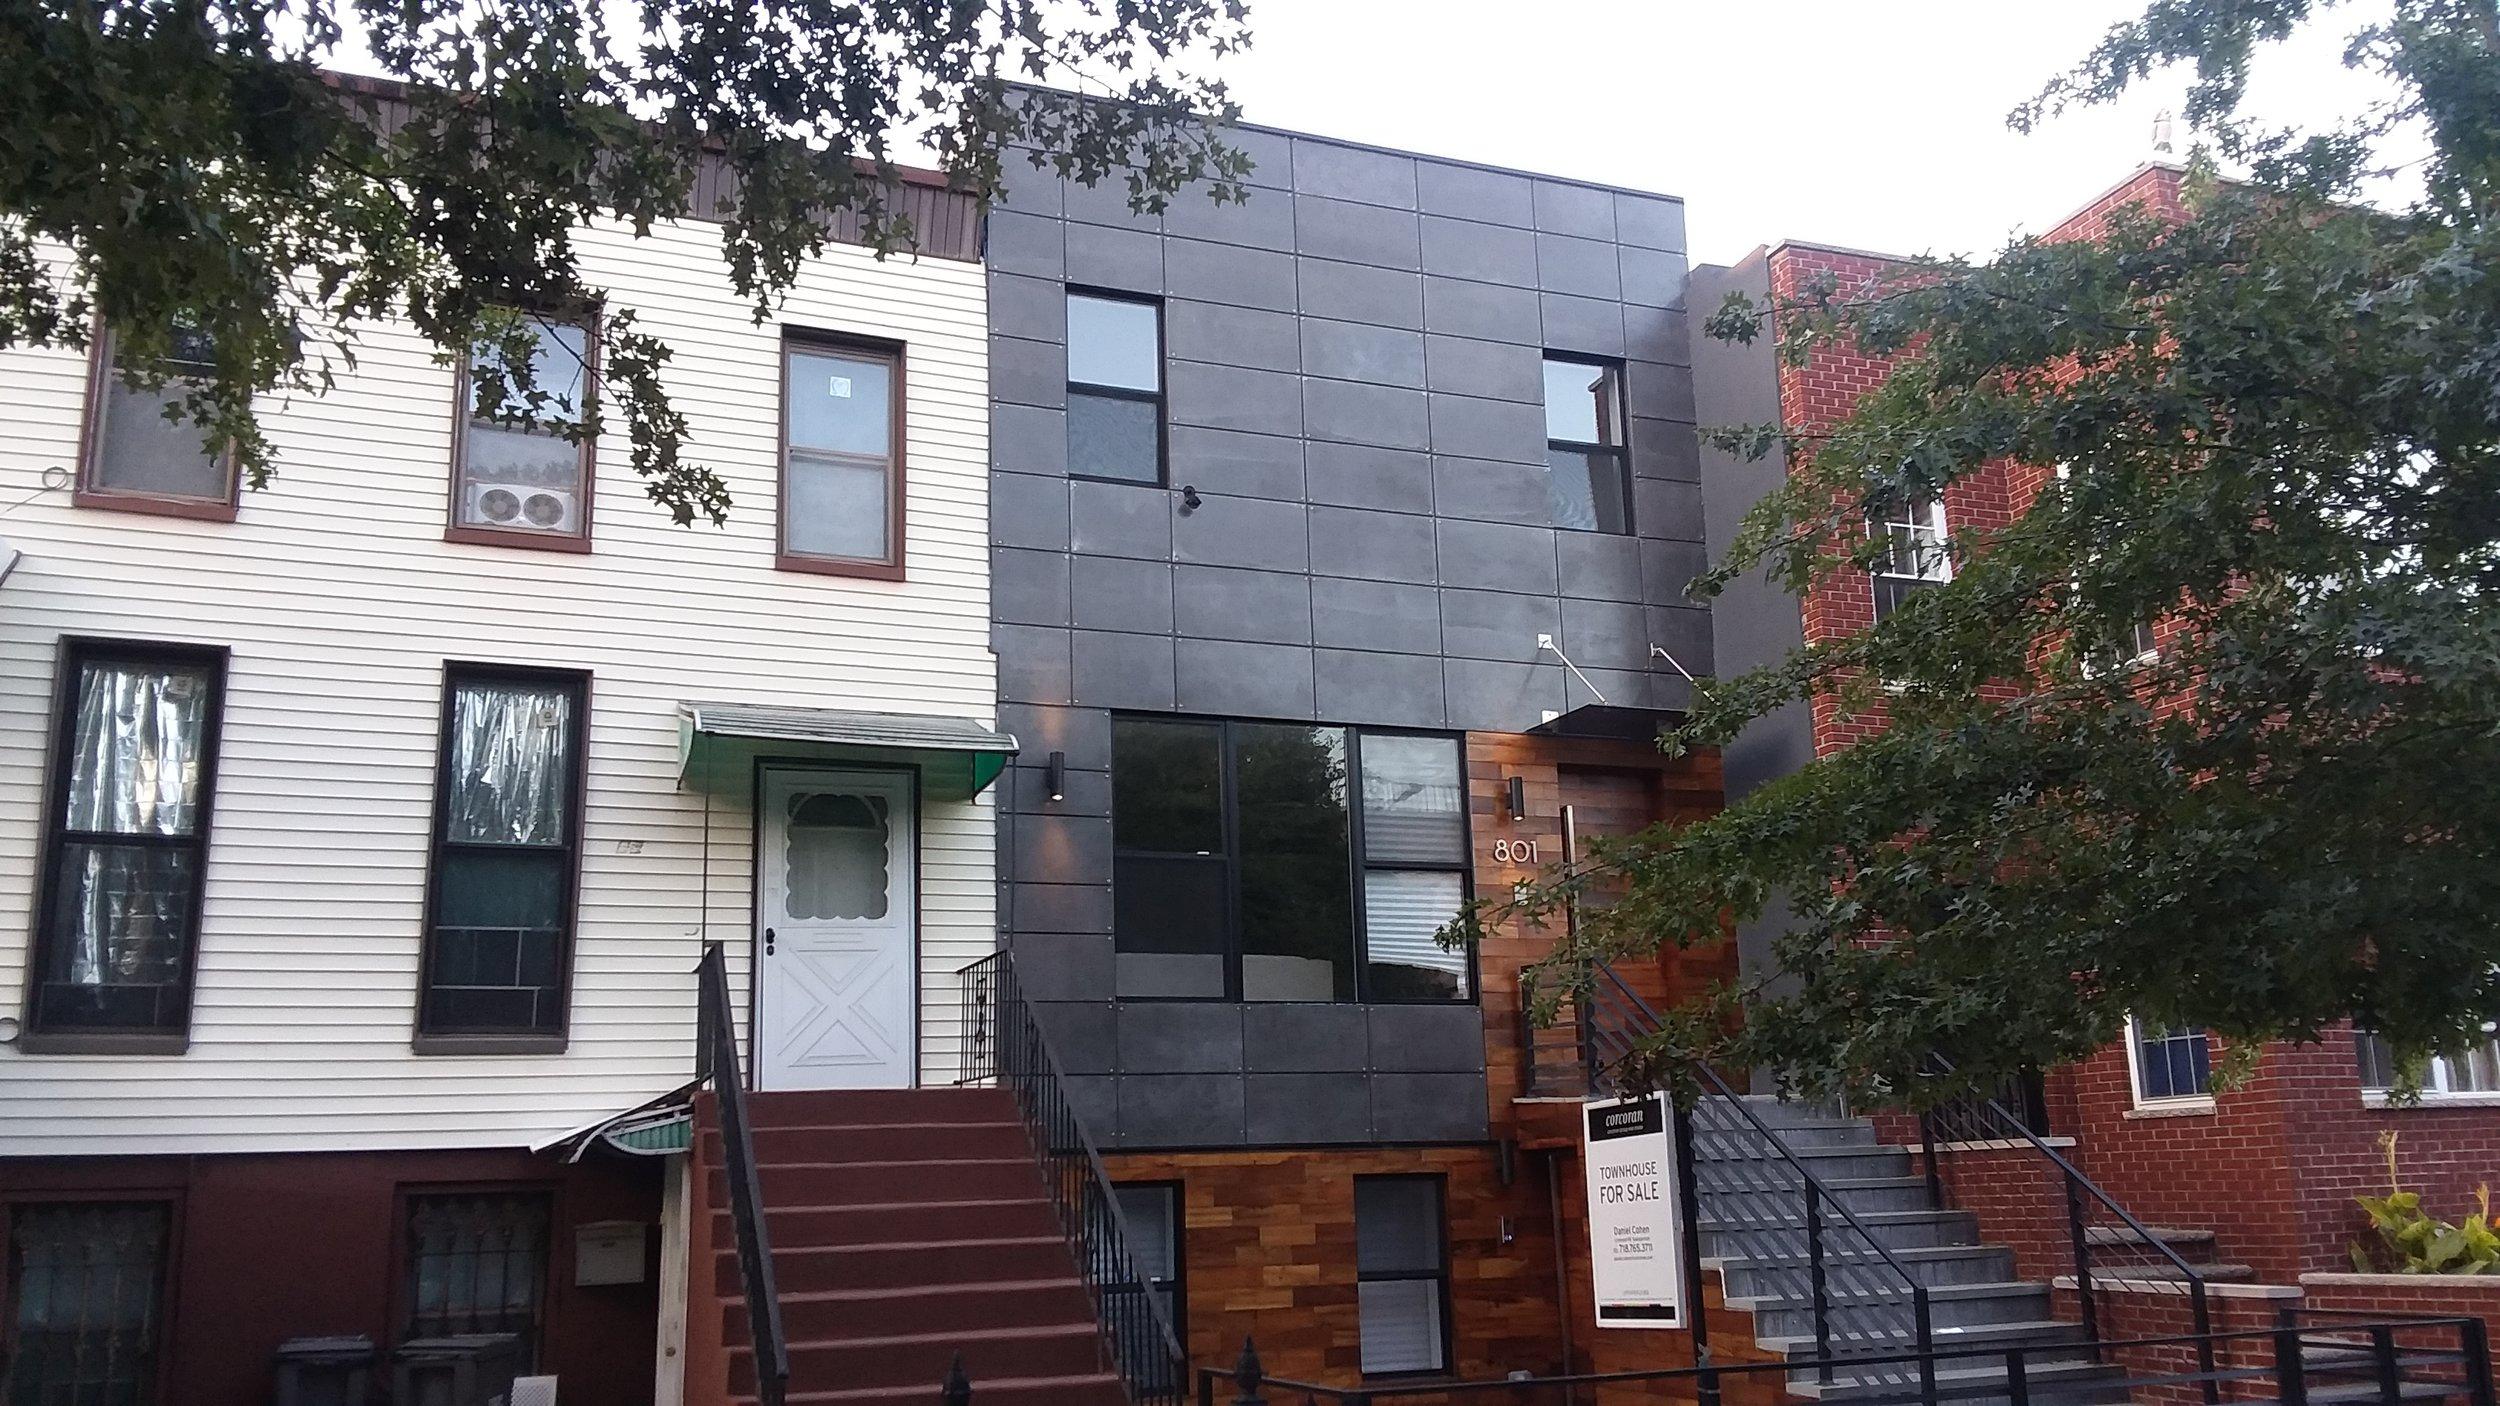 801 Monroe St., Brooklyn, NY. Photo: Darryl Montgomery.